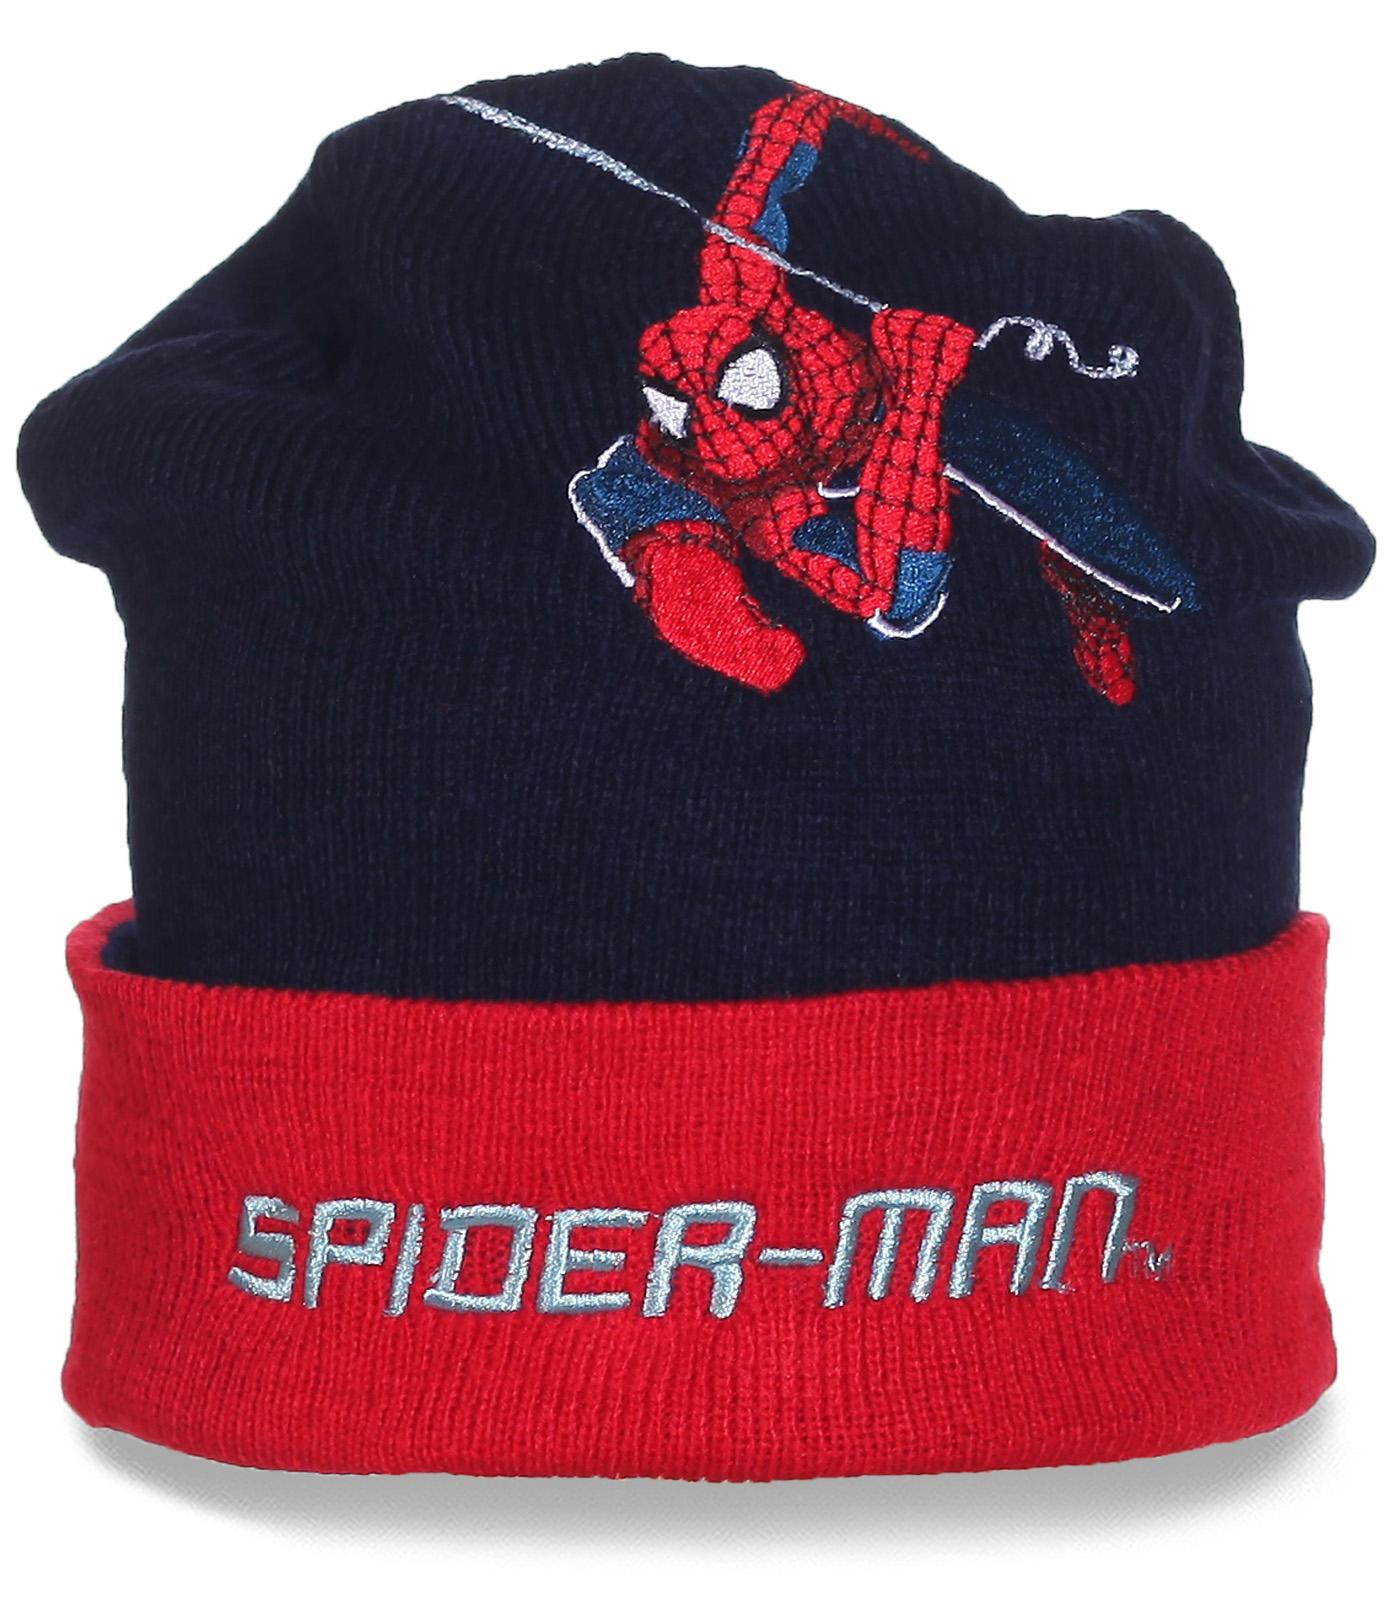 Стильная шапка Spider-man. Будь в центре внимания!